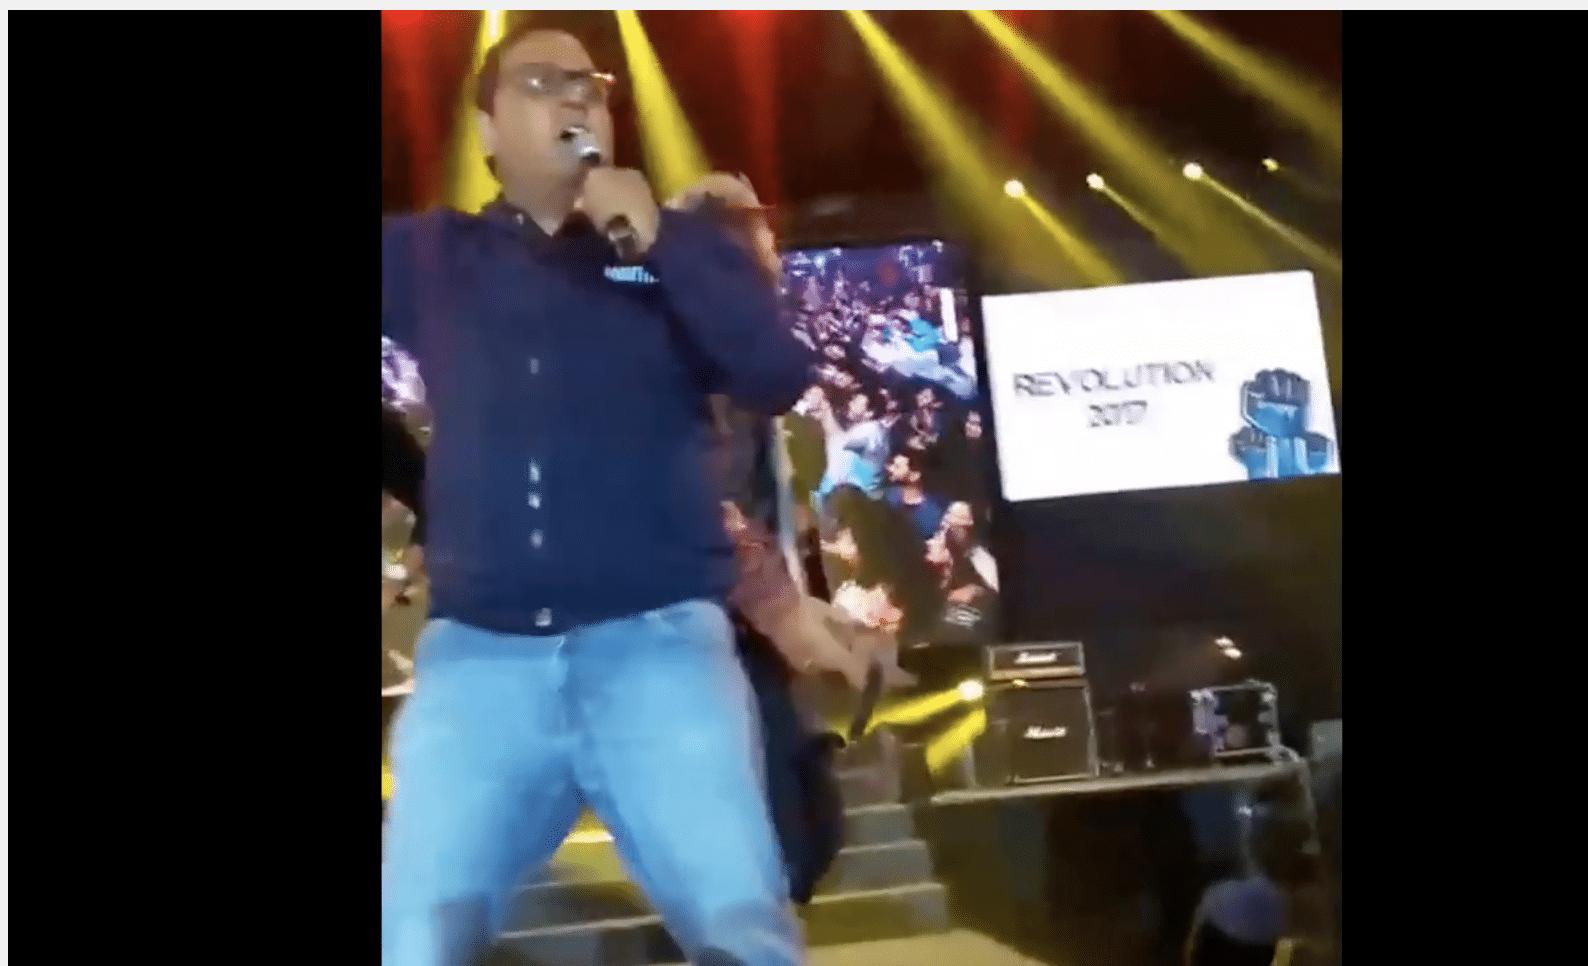 Paytm Founder Vijay Shekhar Sharma Gets Drunk